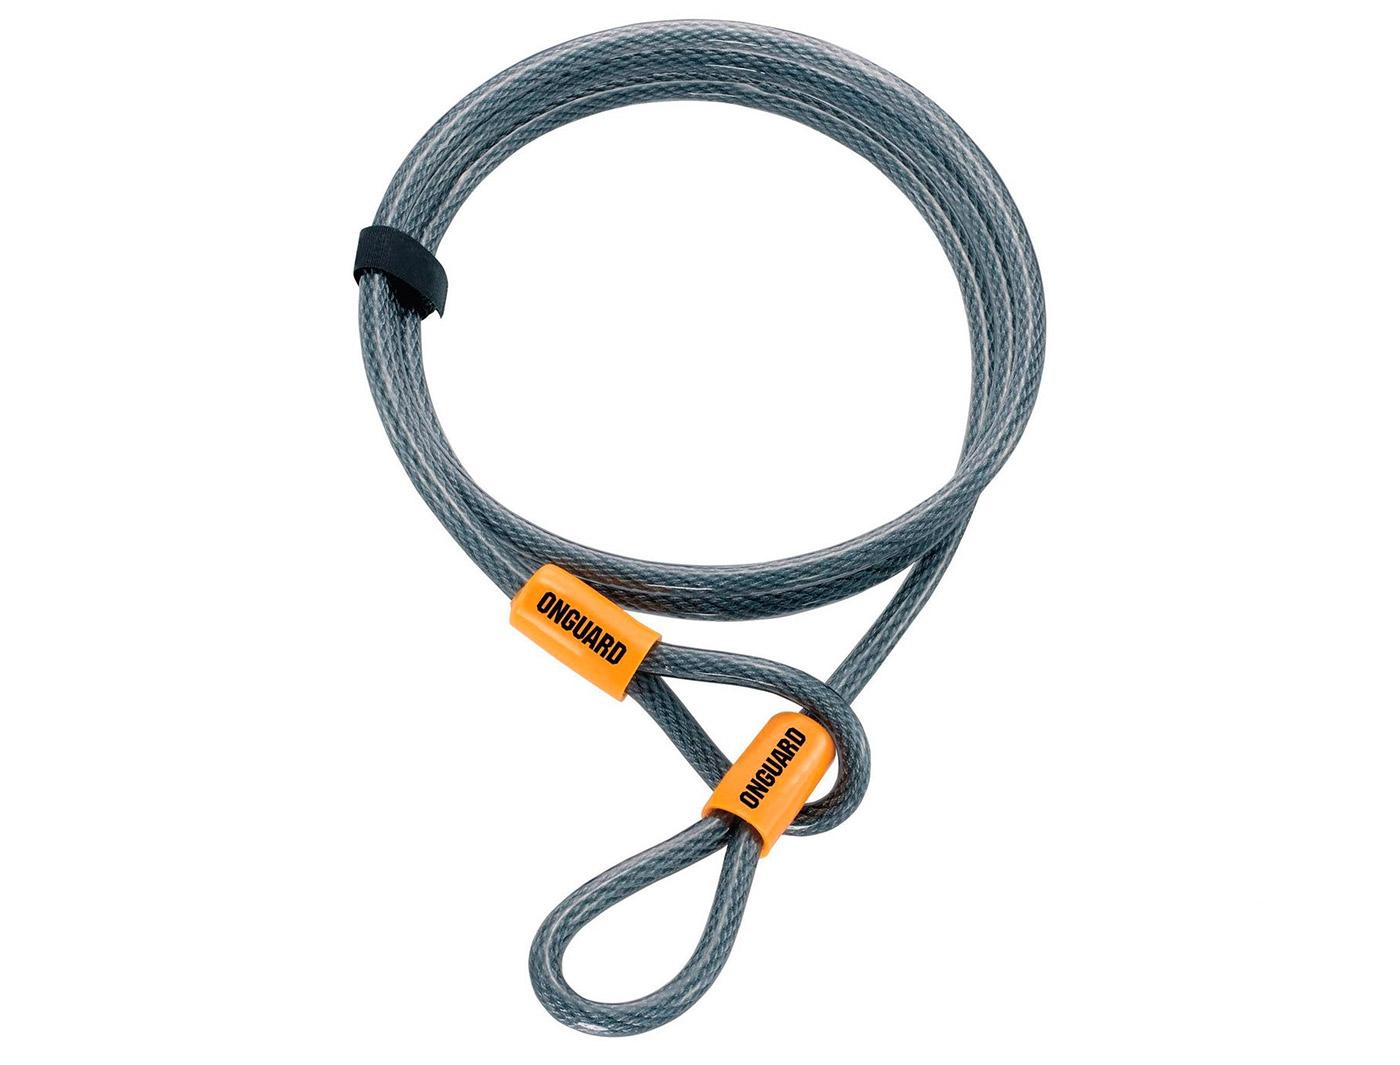 Трос ONGUARD AKITA Wire 220см х 10мм на петлях с виниловым покрытием, стальной